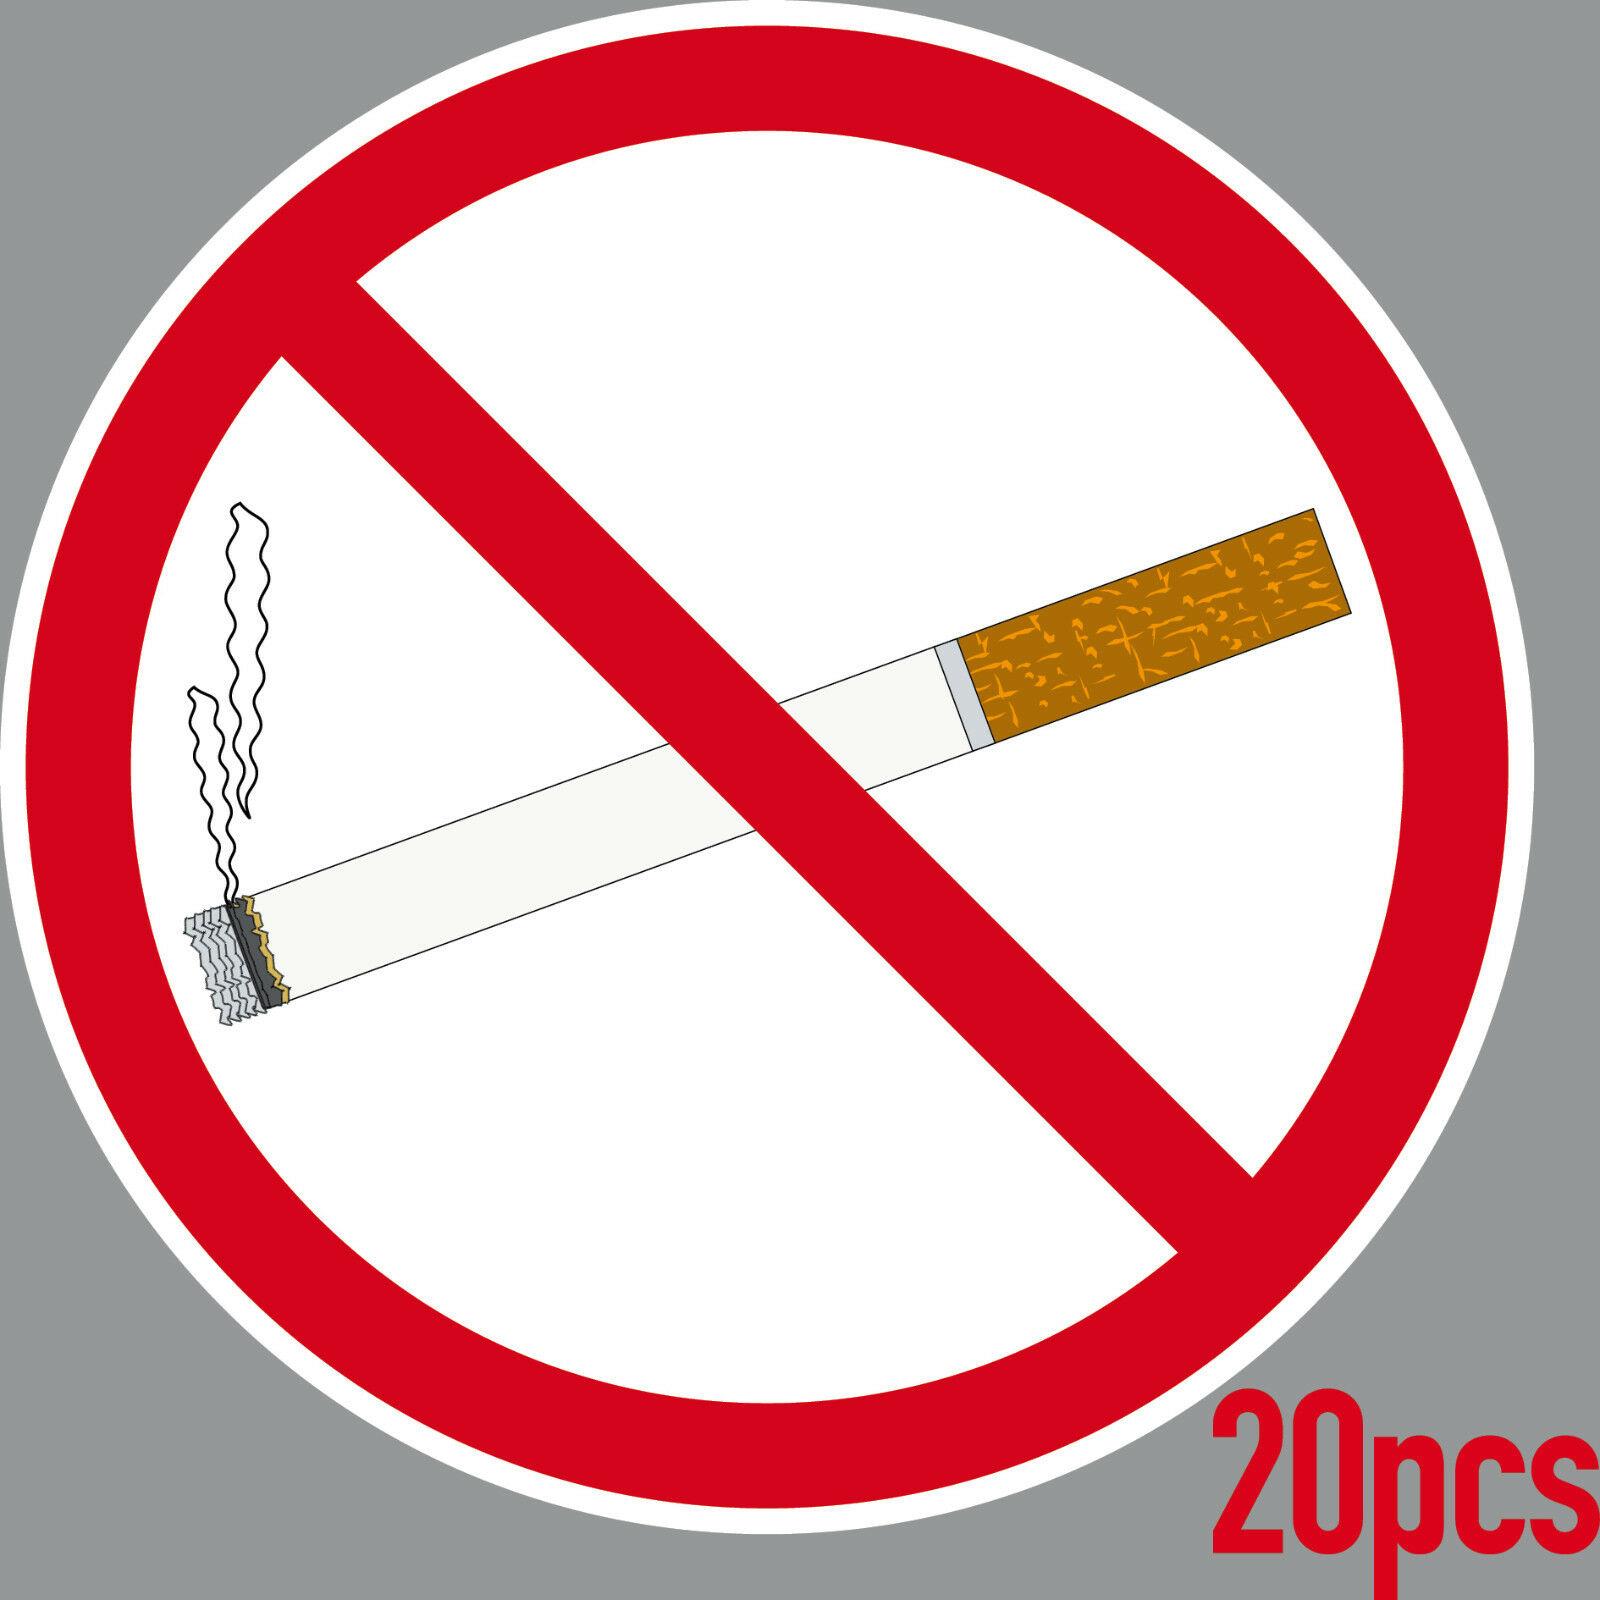 20 aufkleber 15cm sticker rauchverbot rauchen verboten nichtraucher warn hinweis kaufen bei. Black Bedroom Furniture Sets. Home Design Ideas